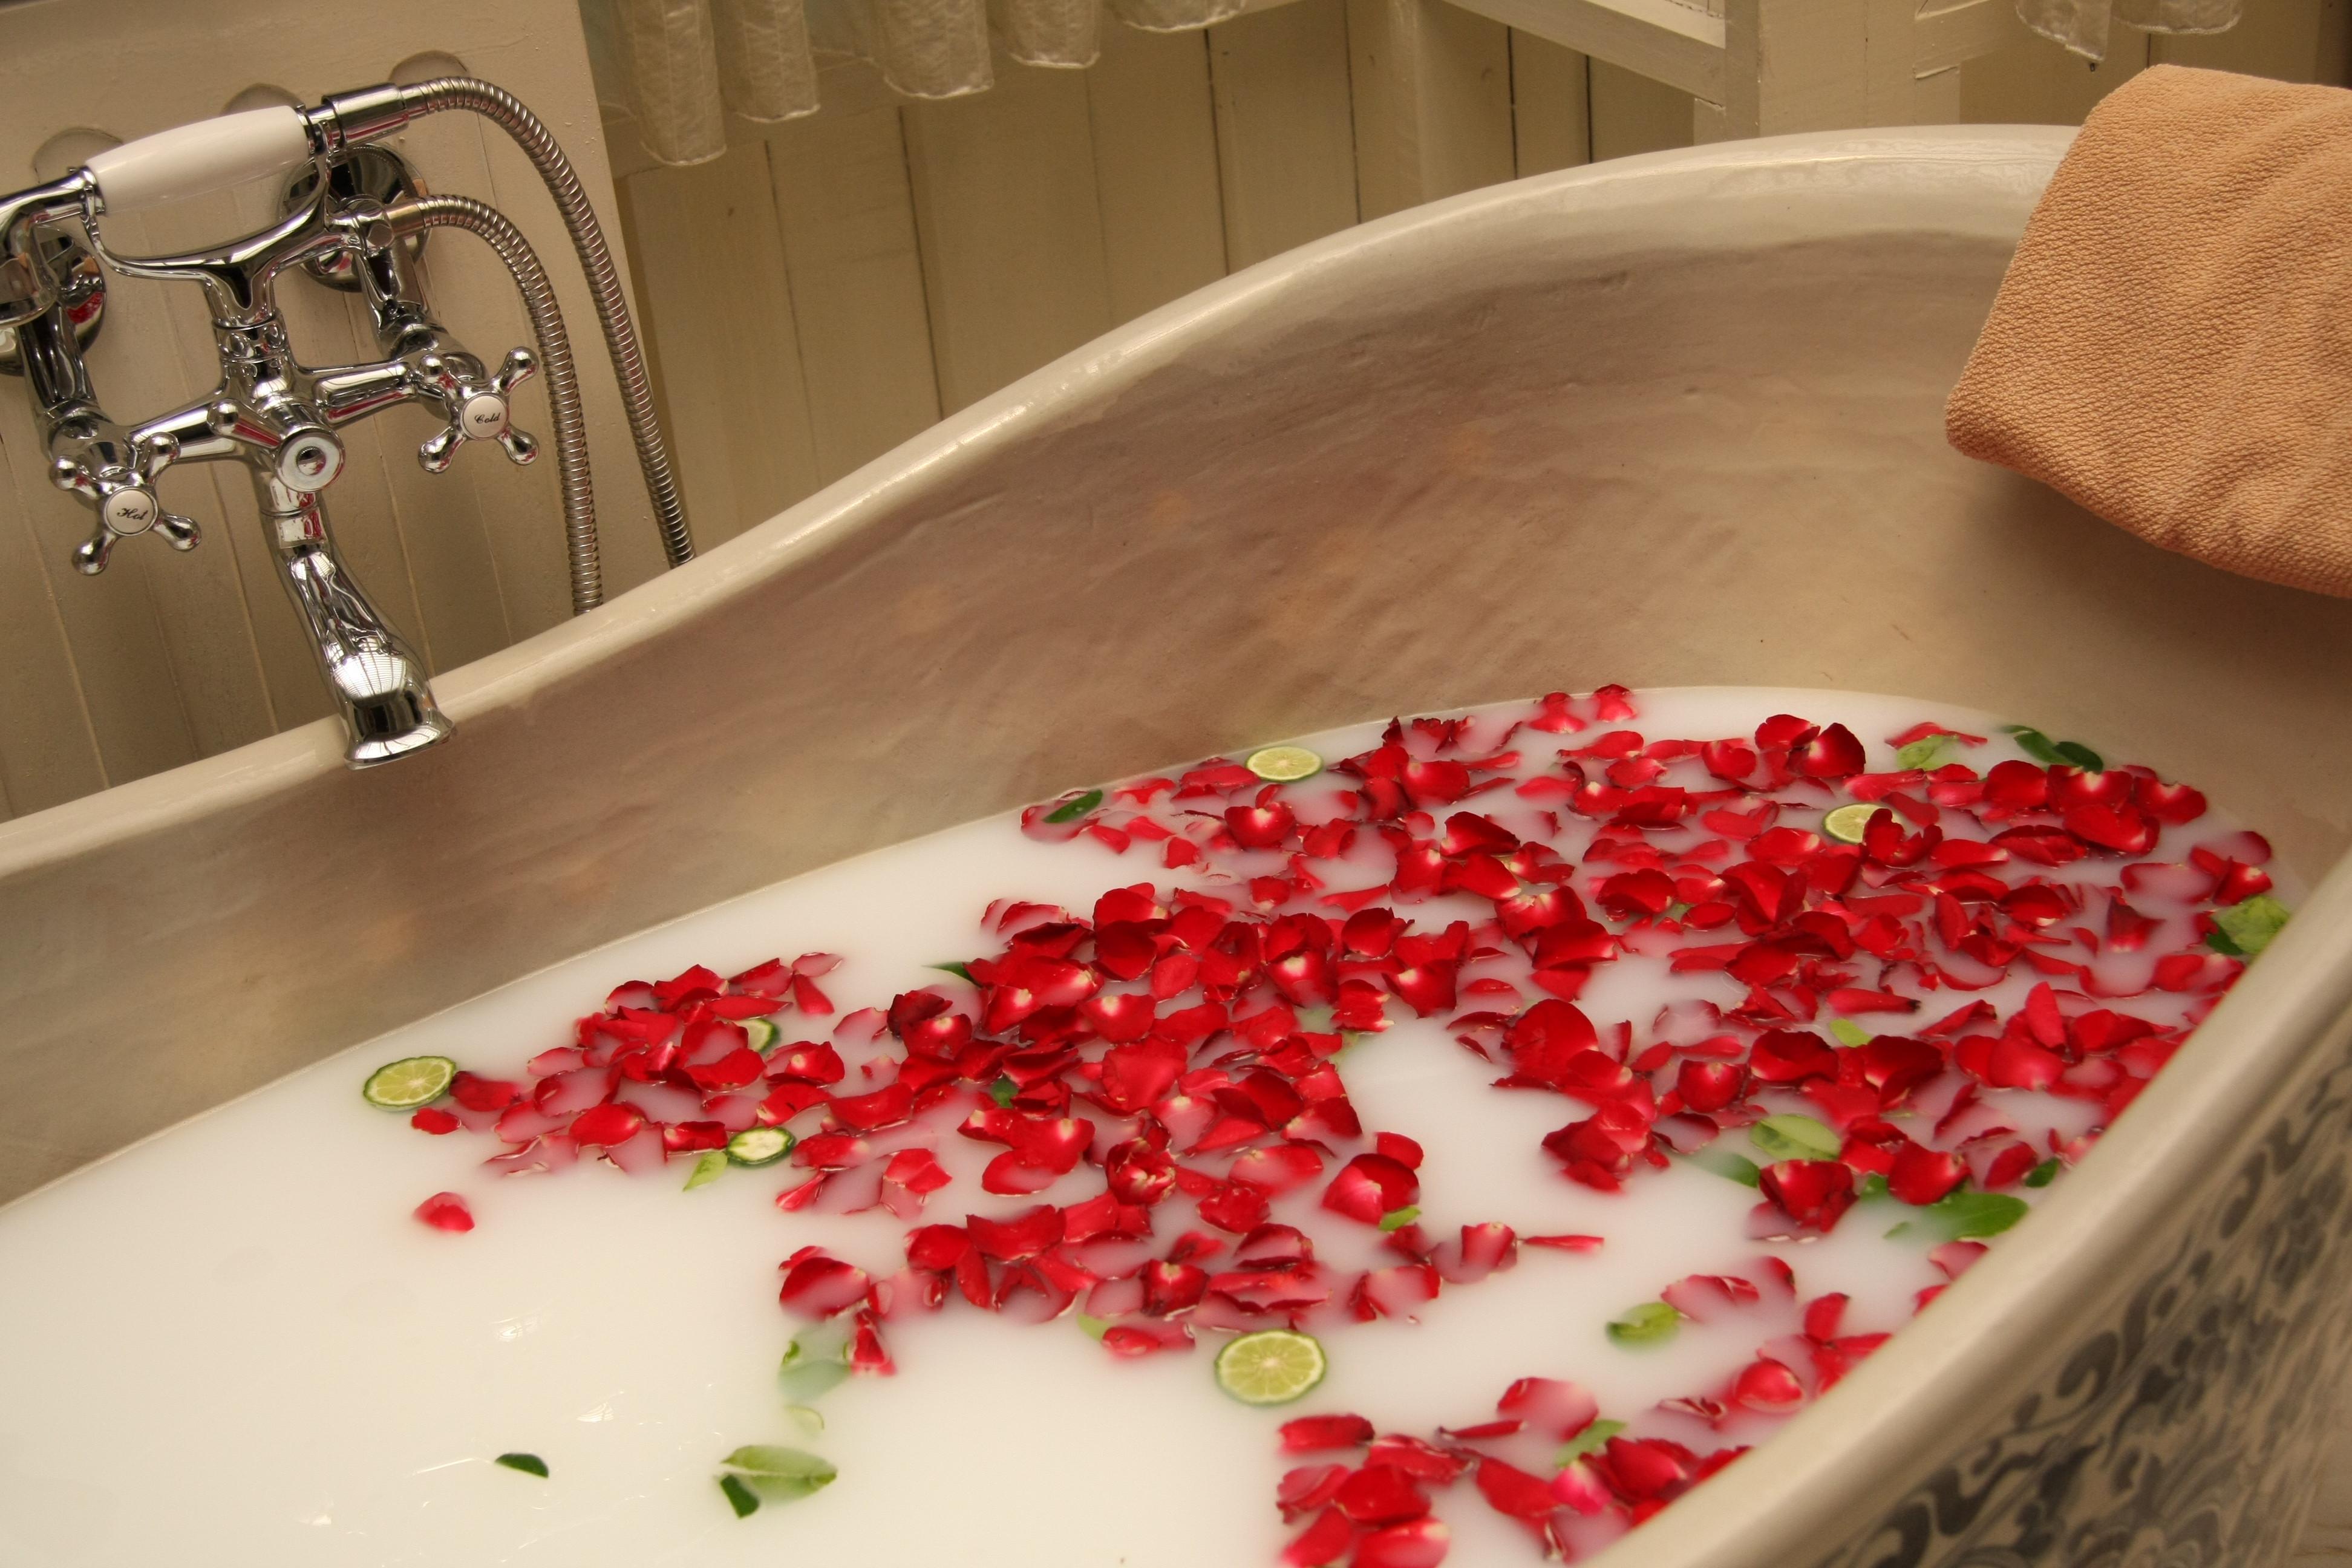 Bagno Rilassante Con Oli Essenziali : Un bagno di petali di rosa u un trattamento per voi stesse